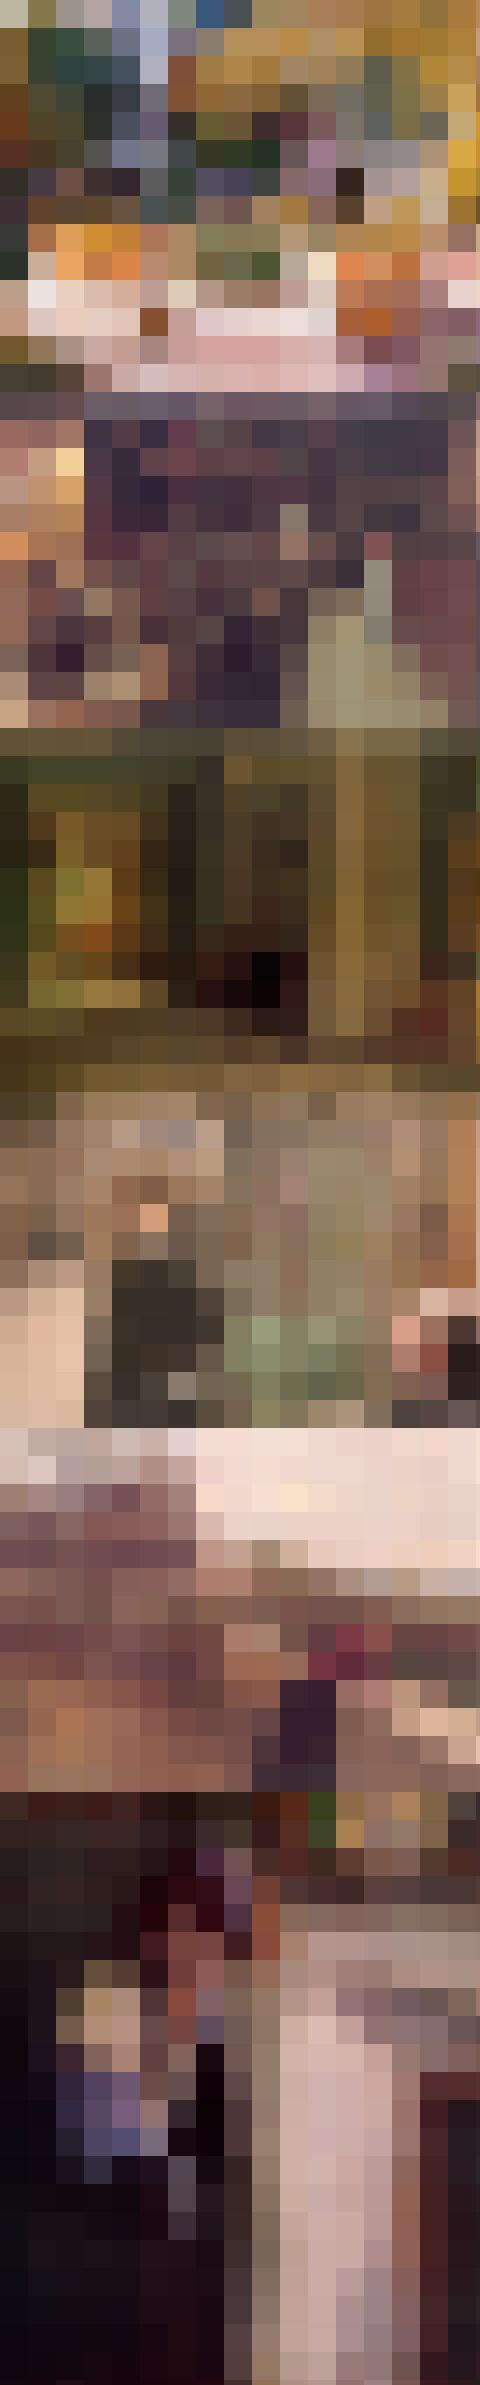 Rusiñol (pixelados)